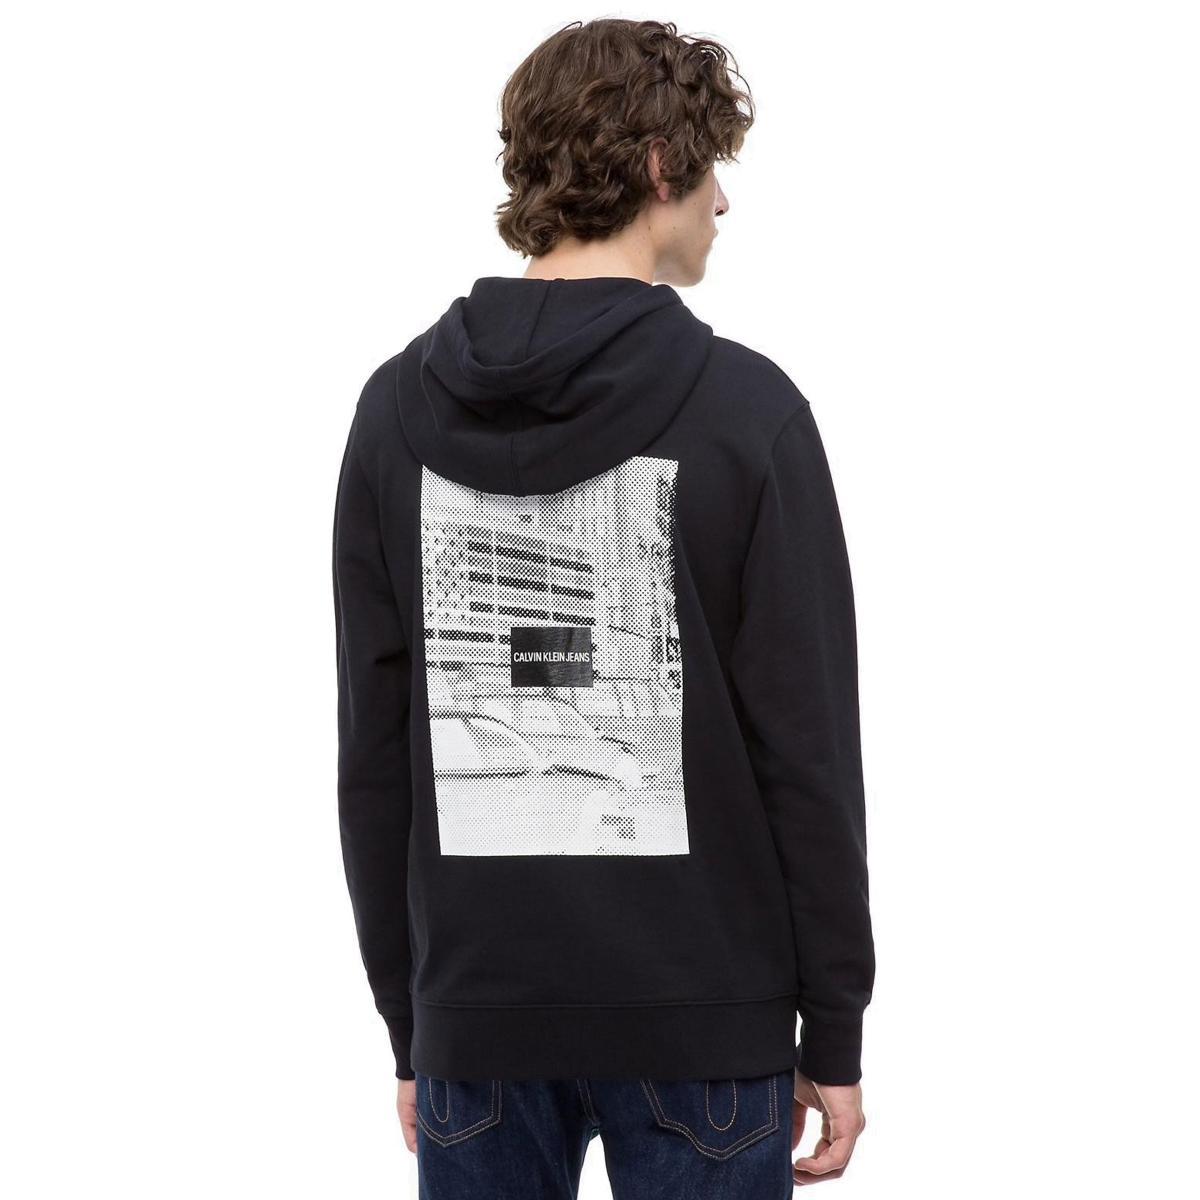 Felpa con cappuccio stampata Calvin Klein Jeans da uomo rif. J30J309507